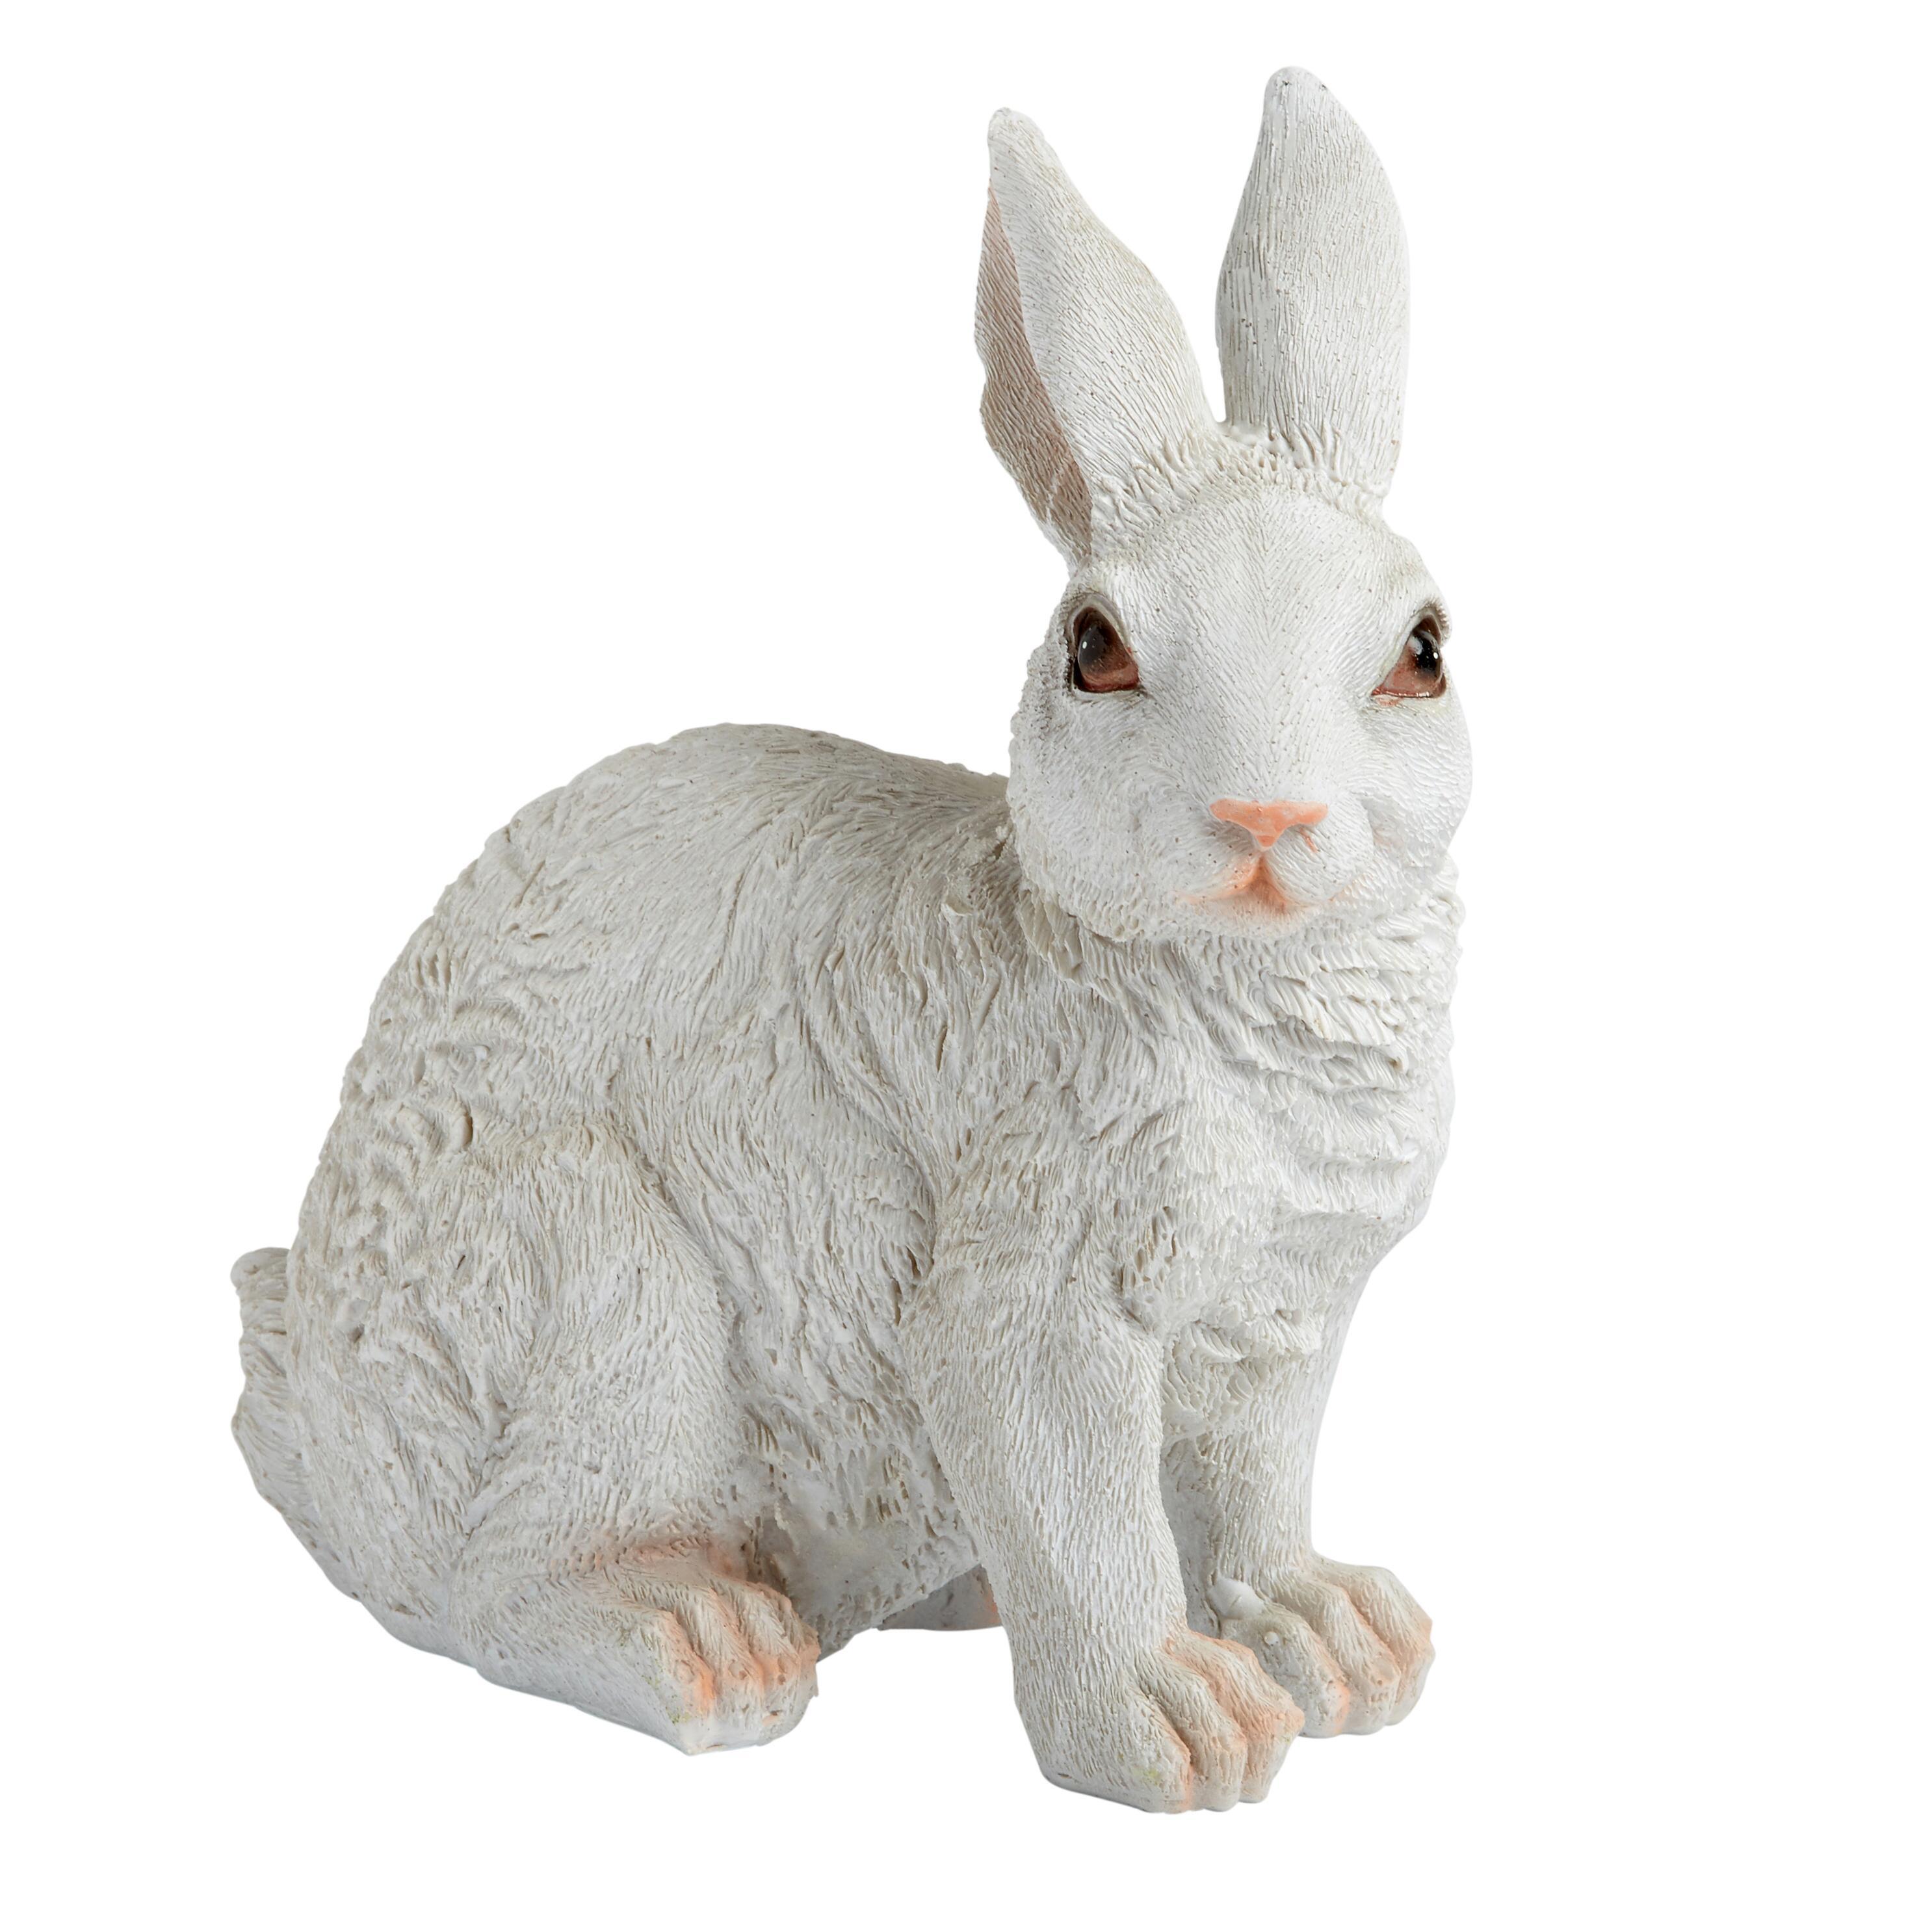 9u201d White Bunny Garden Decor